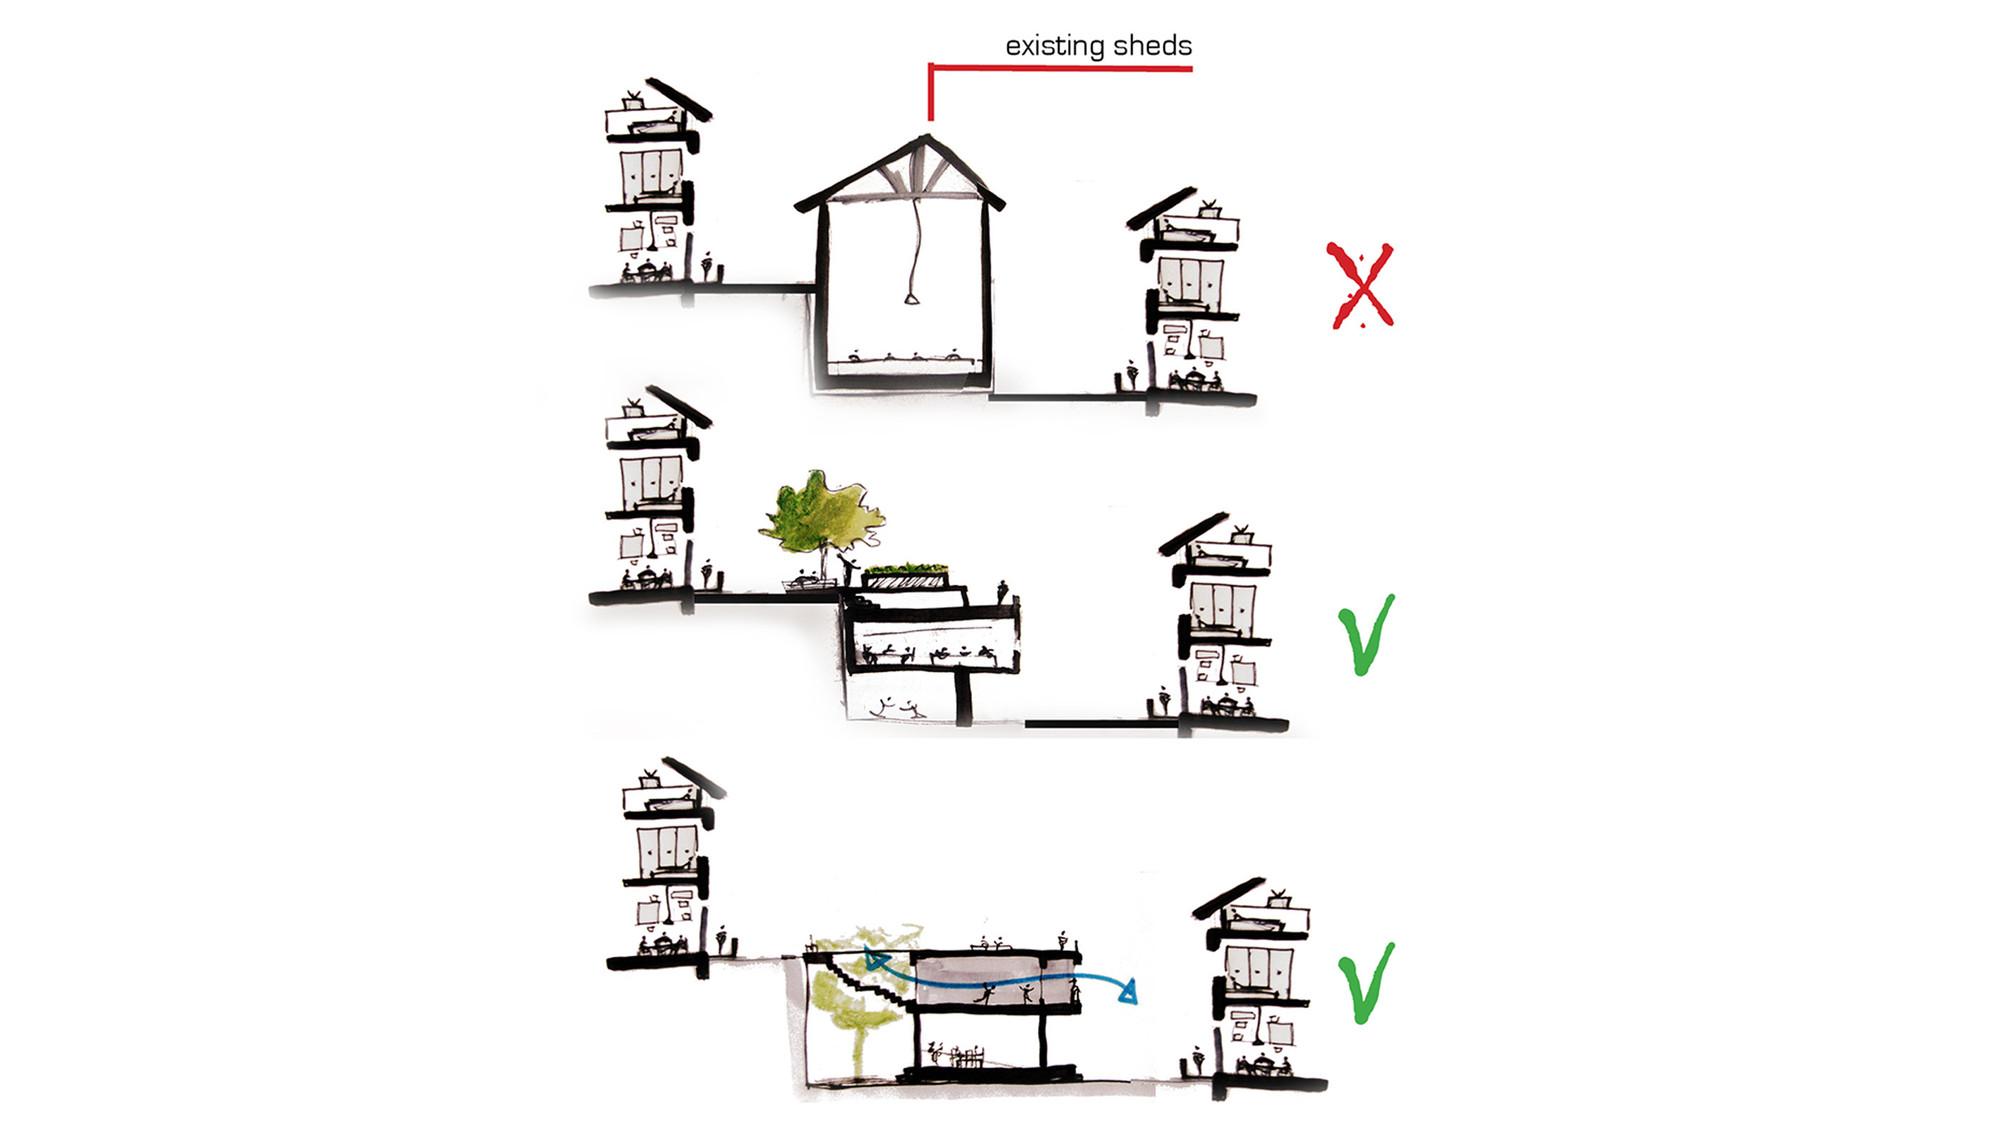 Estrategia: reubicación de las actividades y rediseño de los espacios comunitarios en armonía con las casas. Image Courtesy of Mariana Morais Luiz